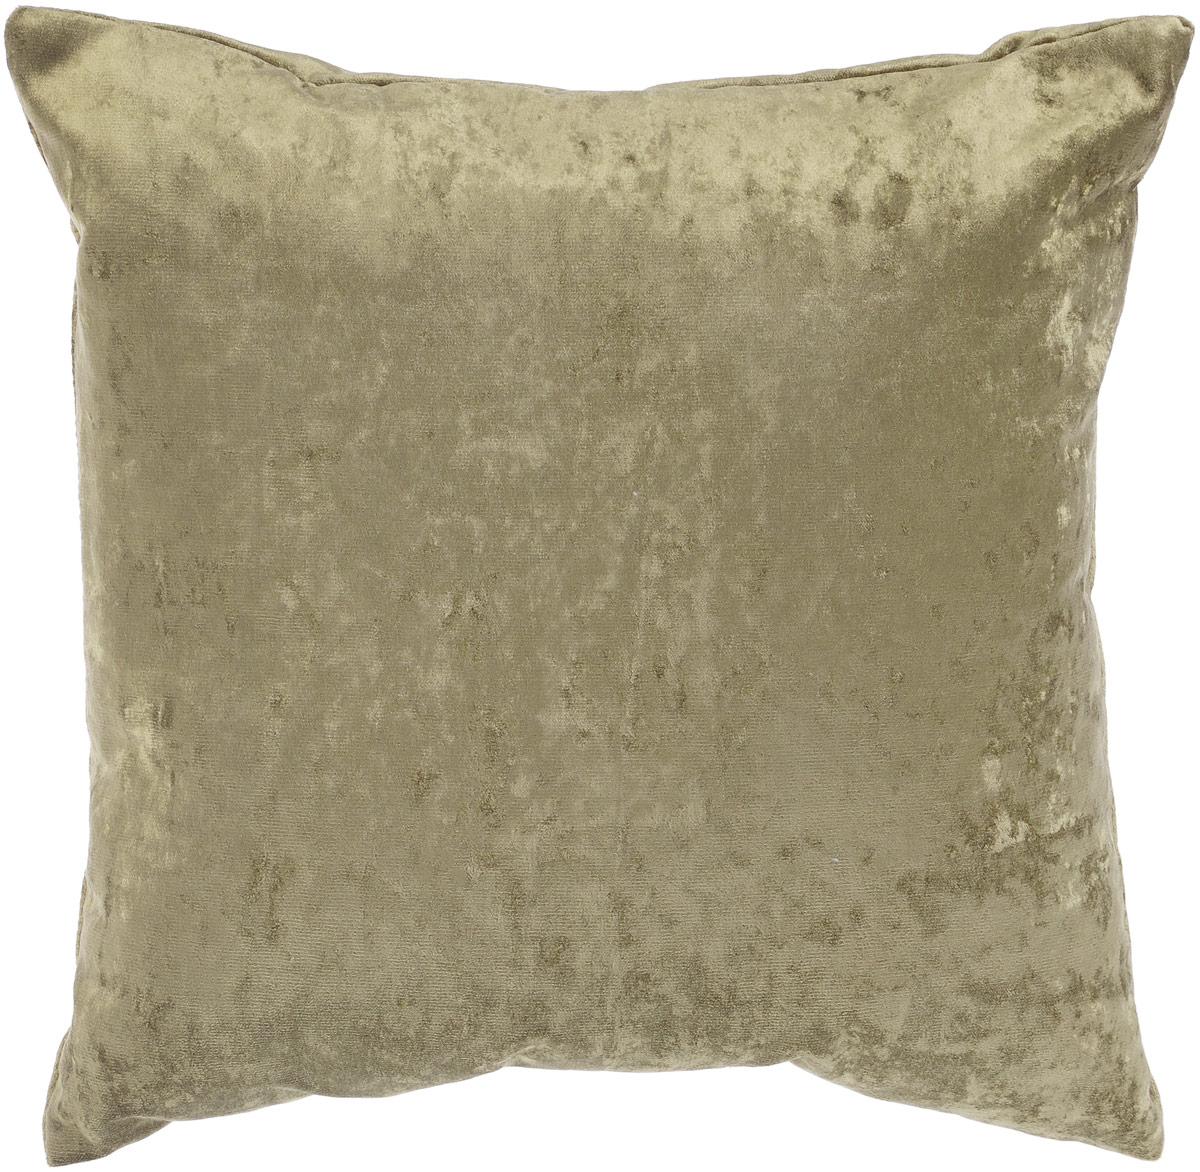 """Декоративная подушка """"Бархат"""" прекрасно дополнит интерьер спальни или гостиной. Бархатистый на ощупь чехол подушки выполнен из 49% вискозы, 42% хлопка и 9% полиэстера. Внутри находится мягкий наполнитель. Чехол легко снимается благодаря потайной молнии. Красивая подушка создаст атмосферу уюта и комфорта в спальне и станет прекрасным элементом декора."""